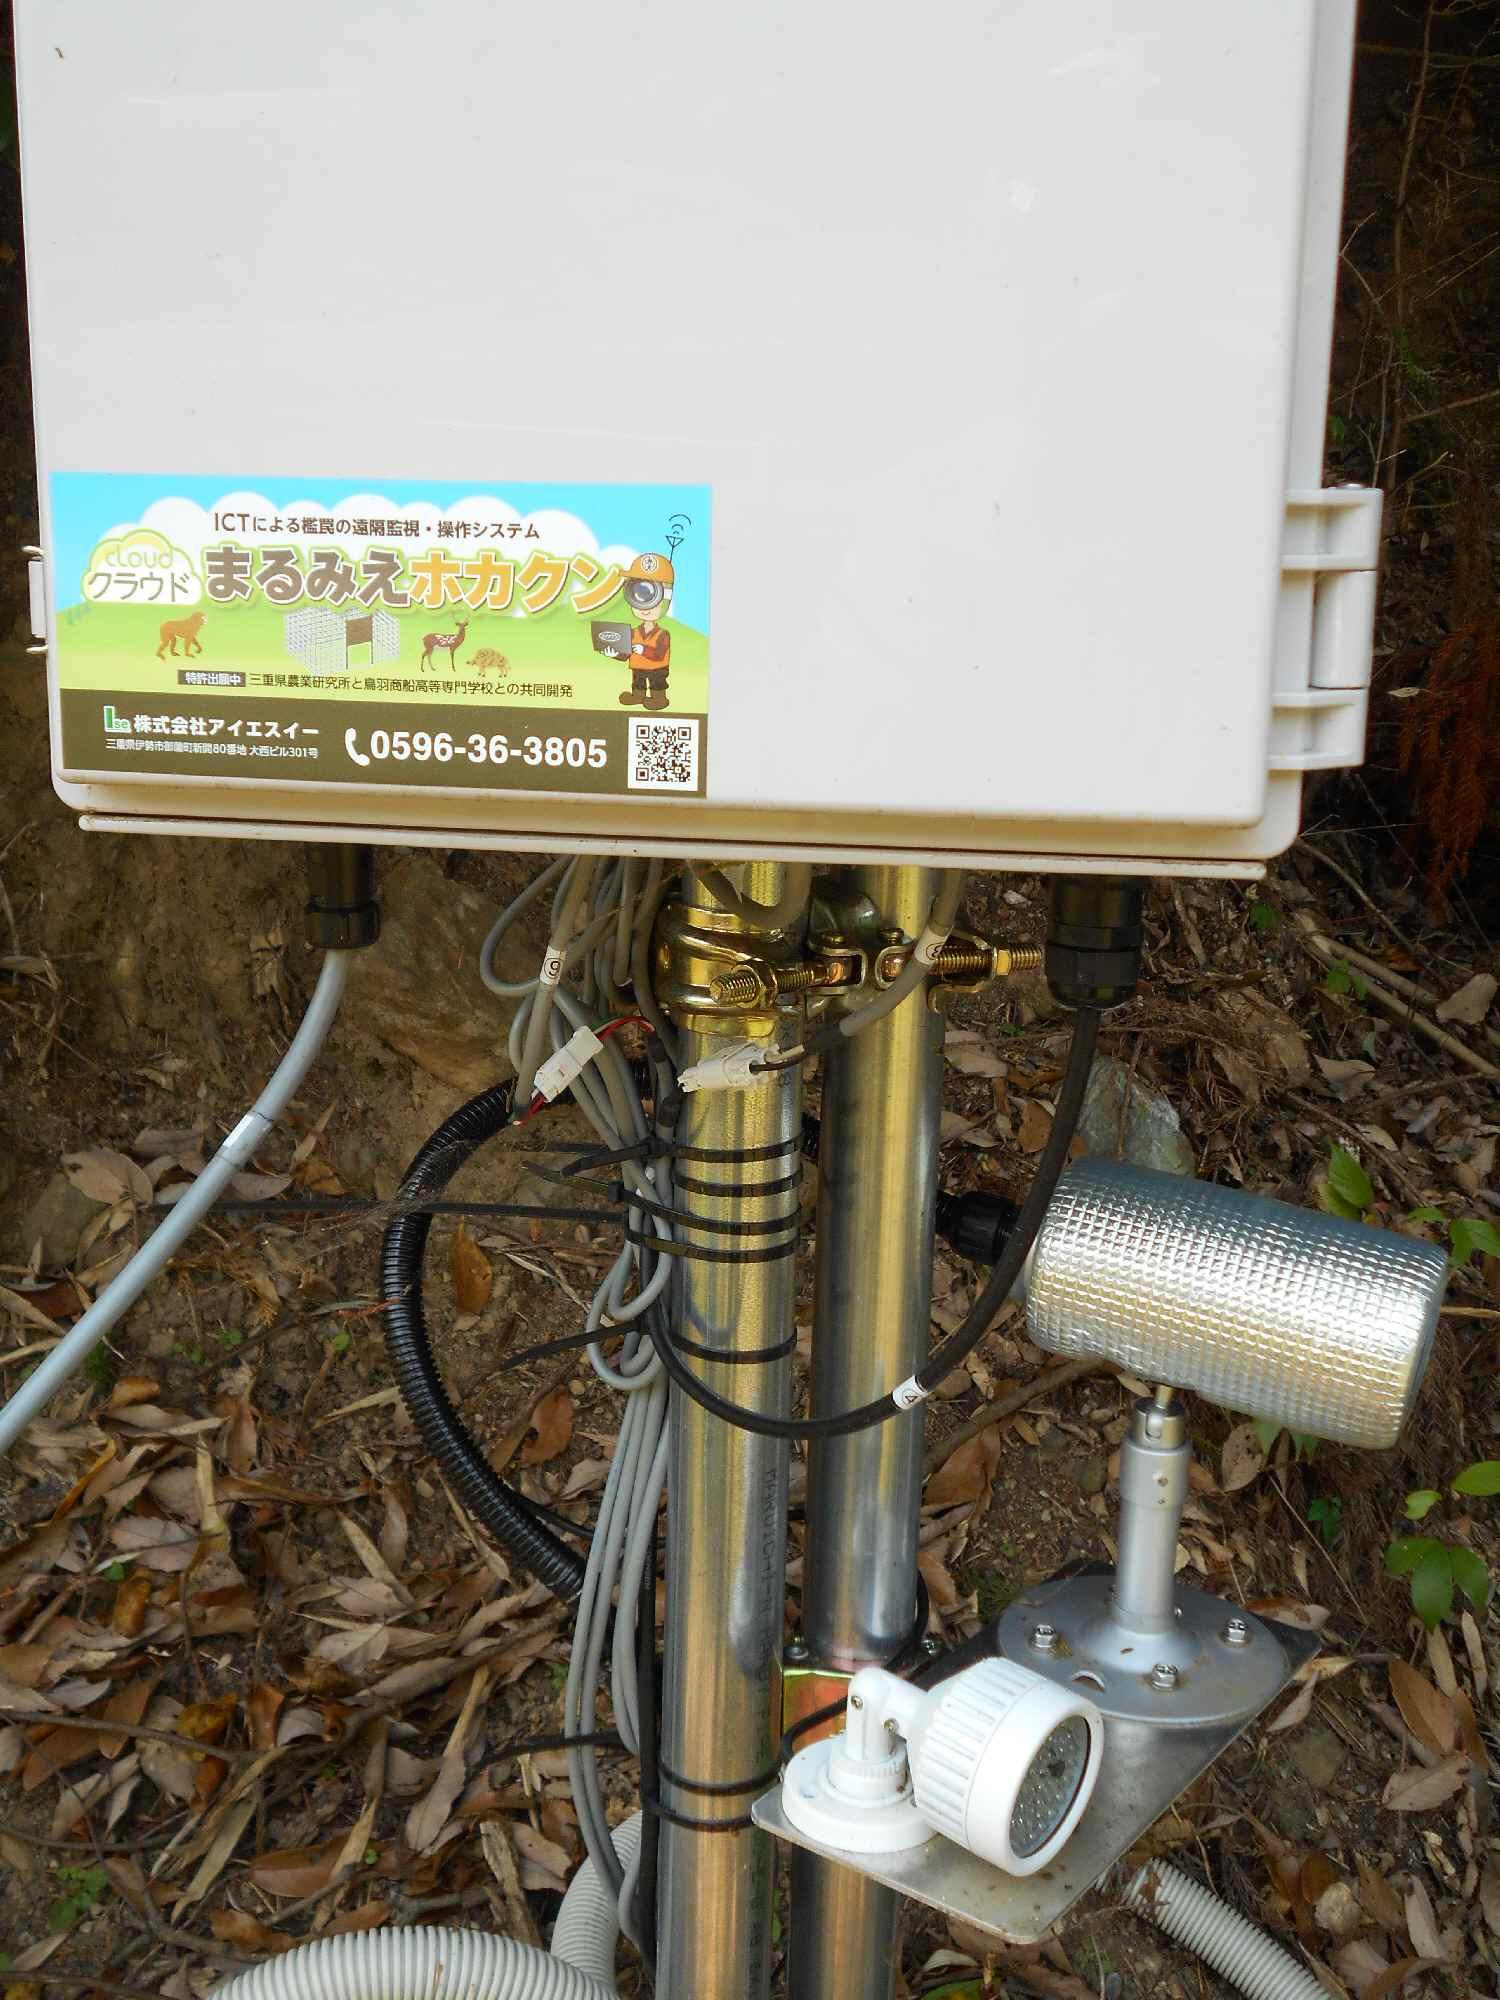 装置の中枢で、通信回線下はと監視カメラ。ライトなど。